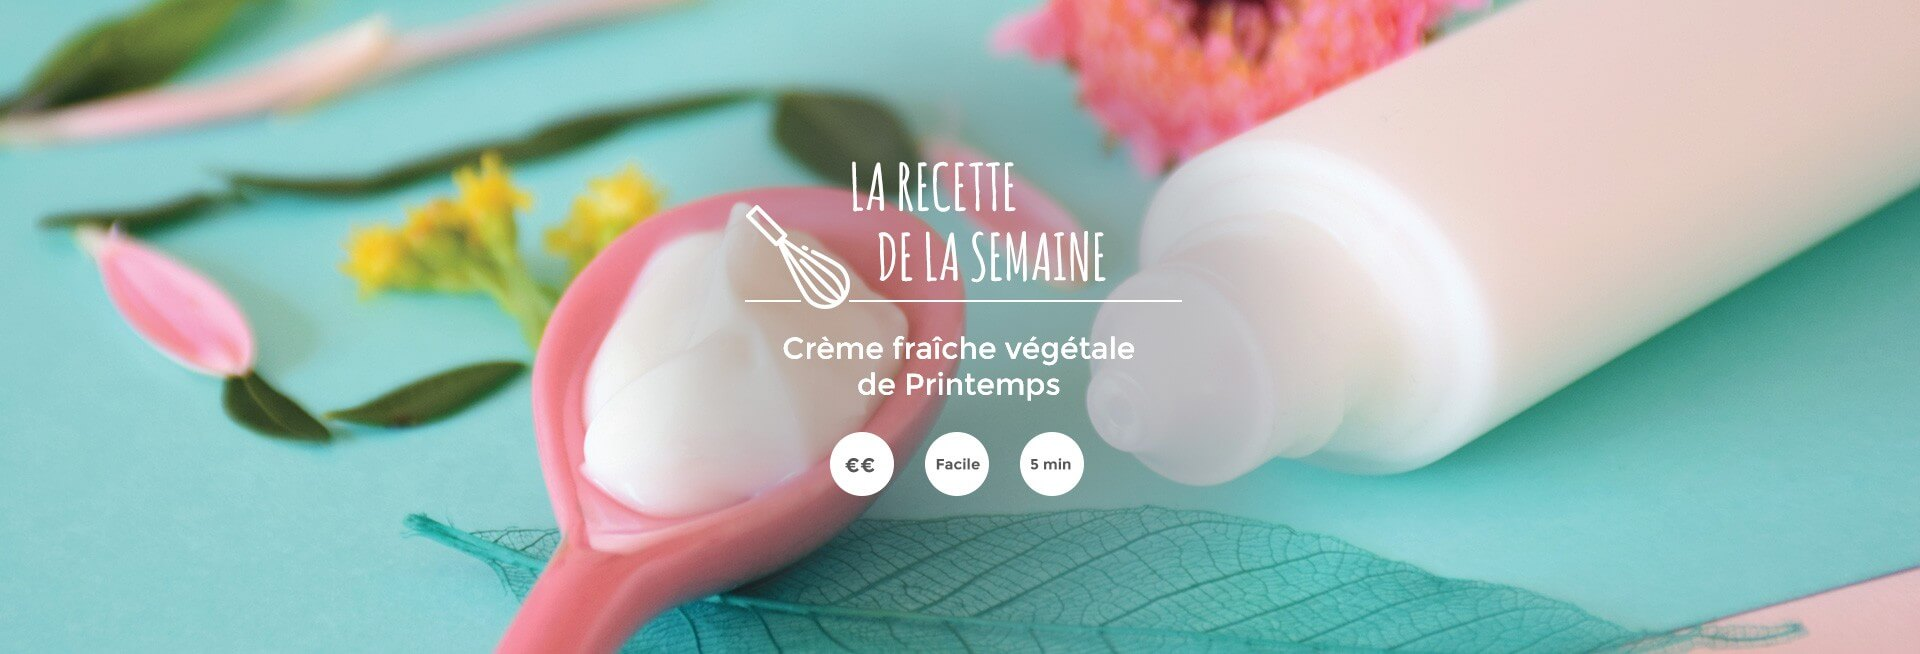 Crème fraîche végétale de Printemps